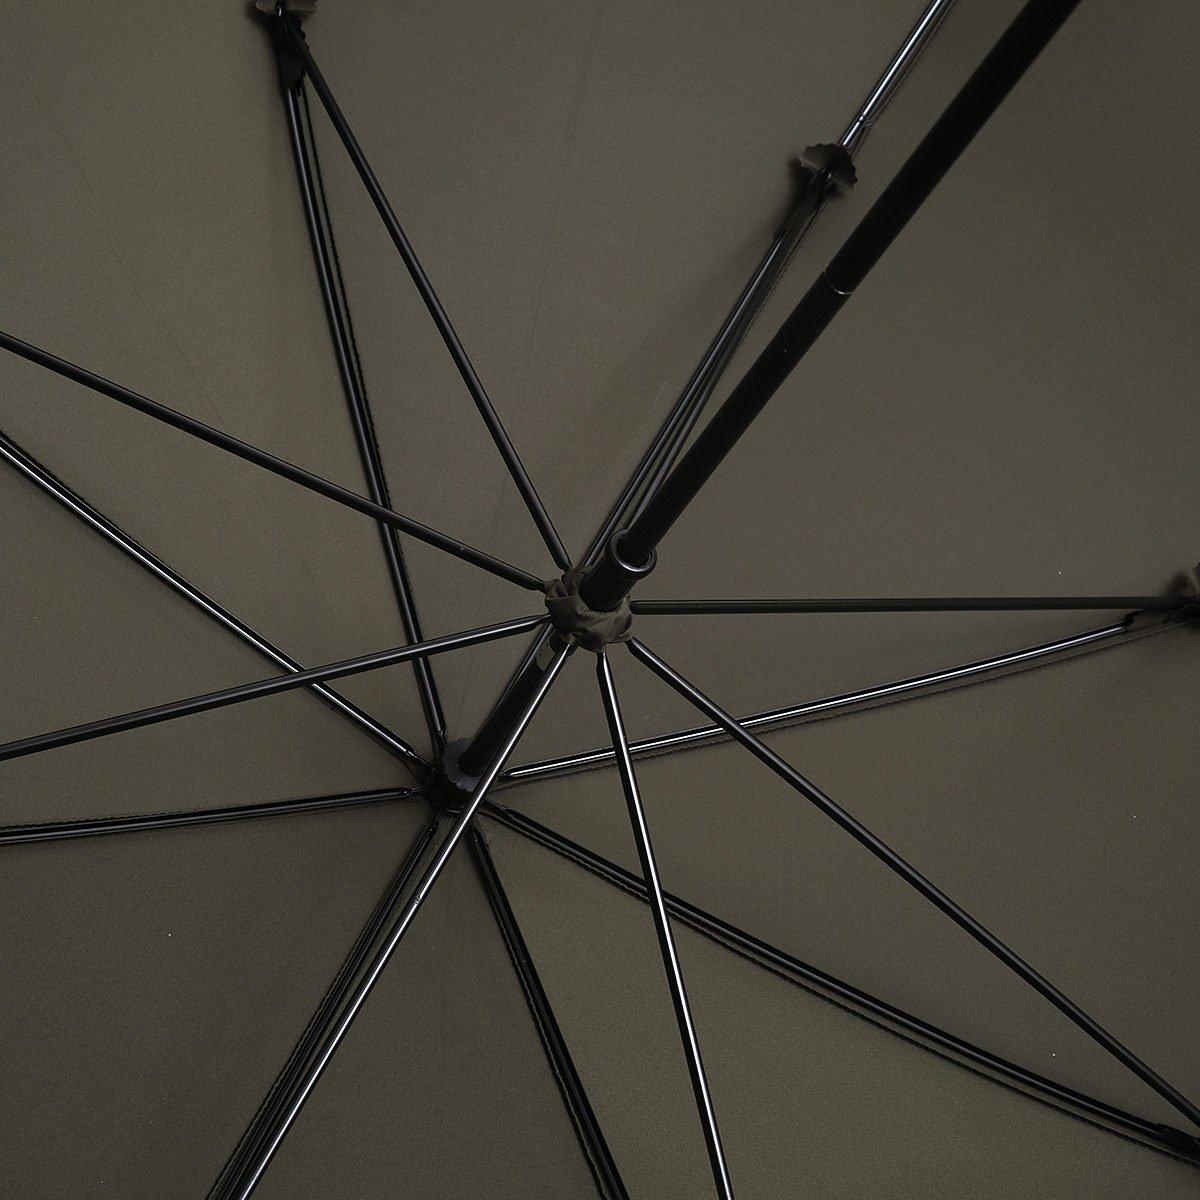 太鼓傘 - 鉄芯 詳細画像10